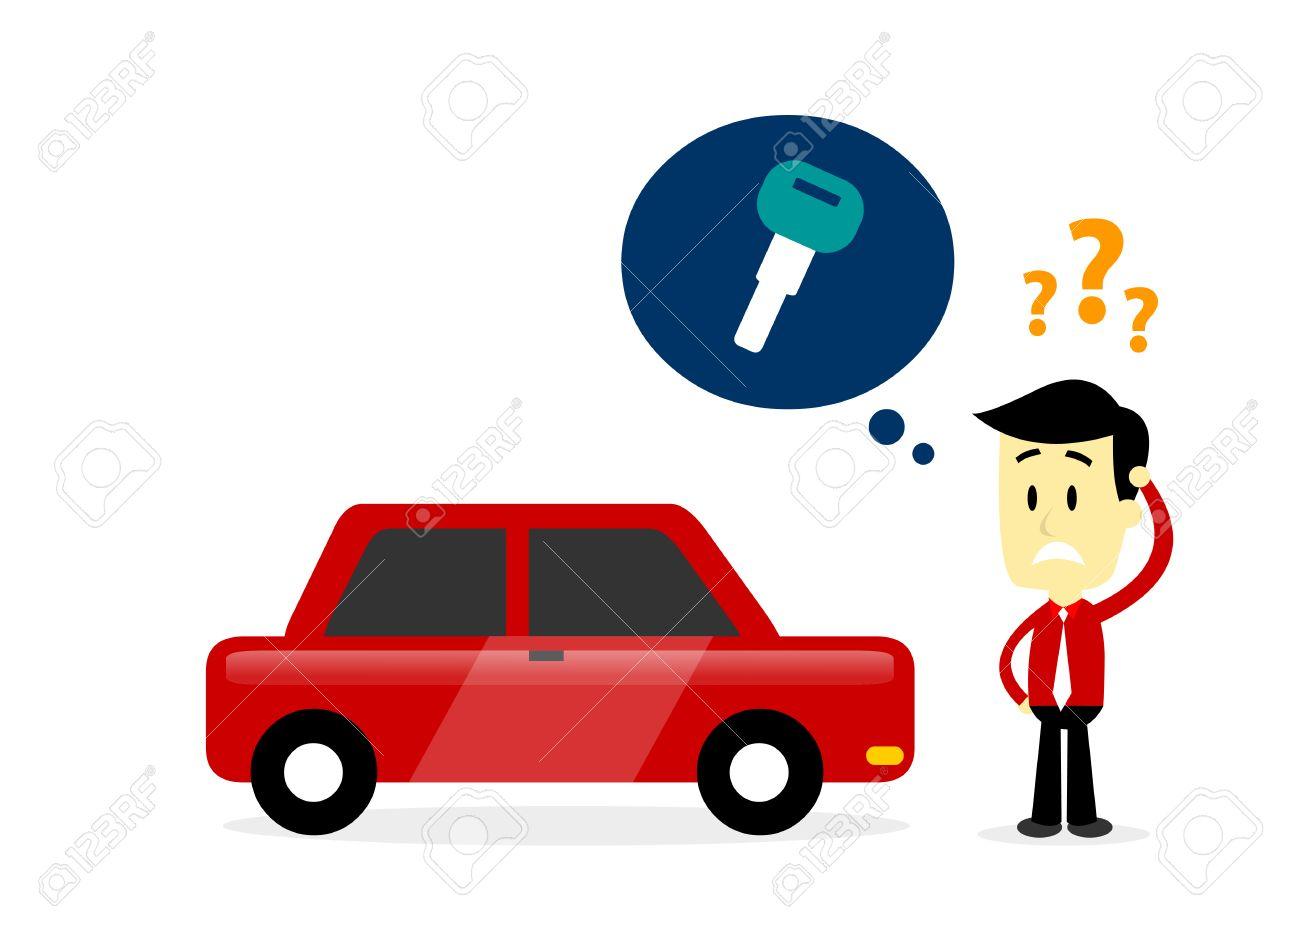 Man Vergaß Wo Er Seine Autoschlüssel Suche Nach Fehlende Seine